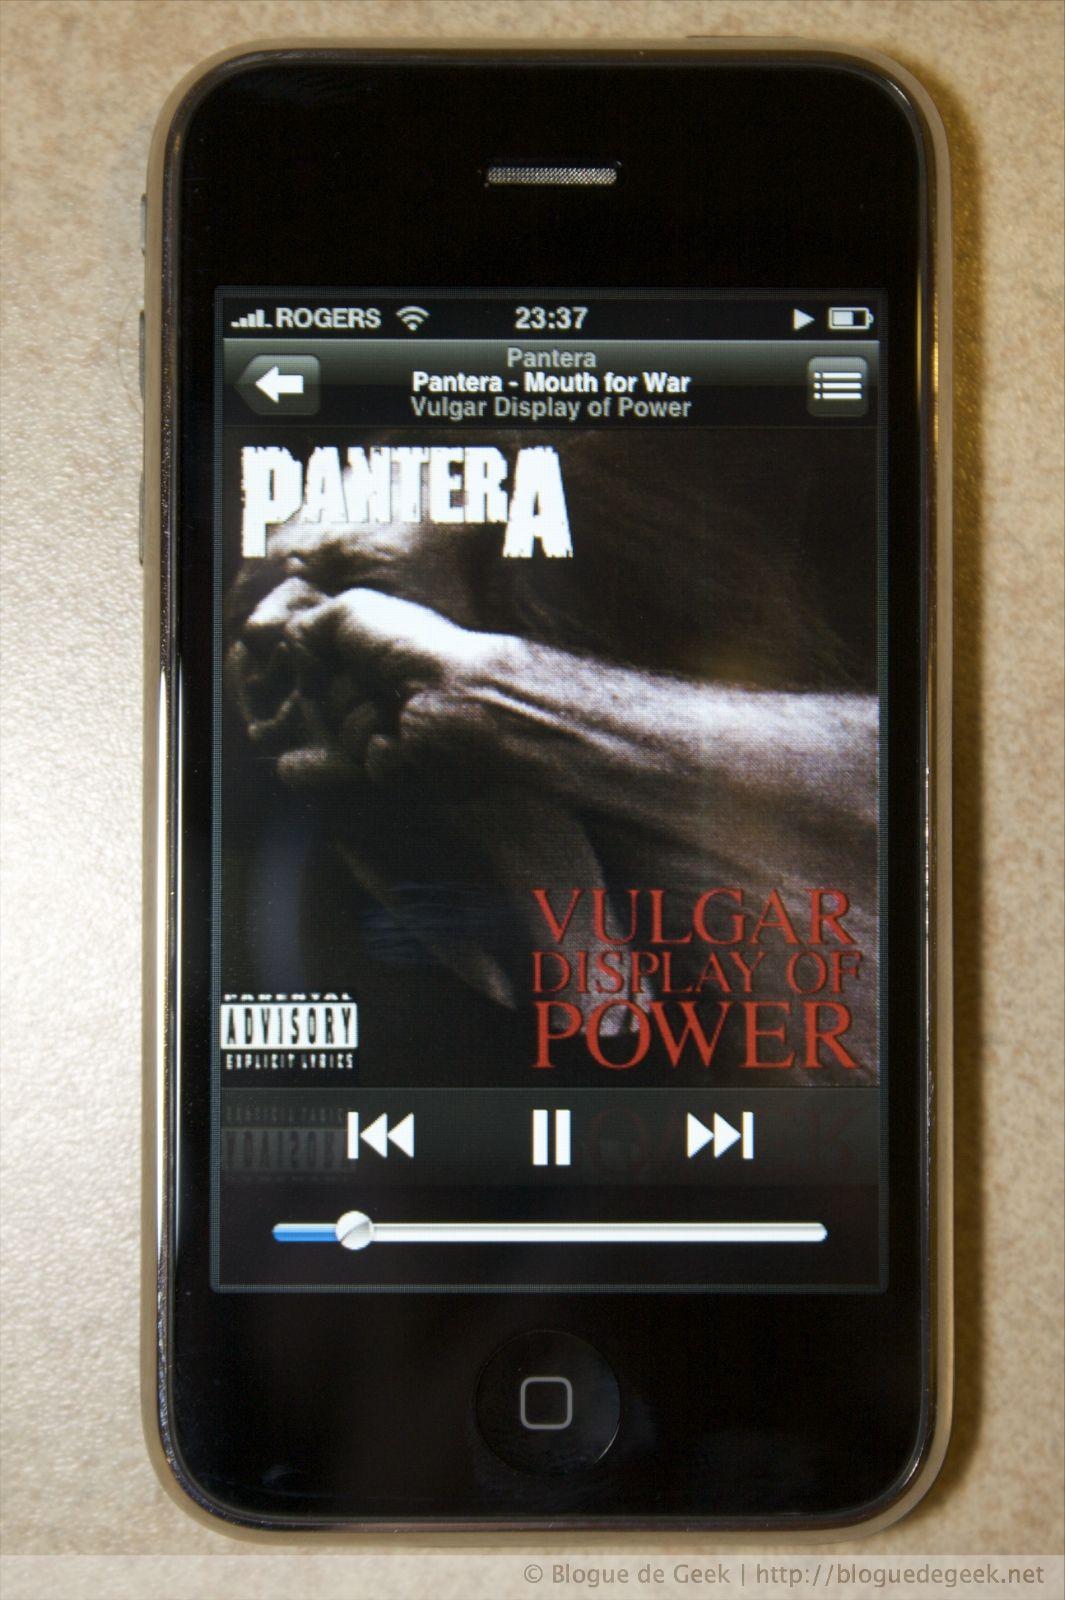 img 261712 - iPhone 3G avec Rogers au Canada [Évaluation]